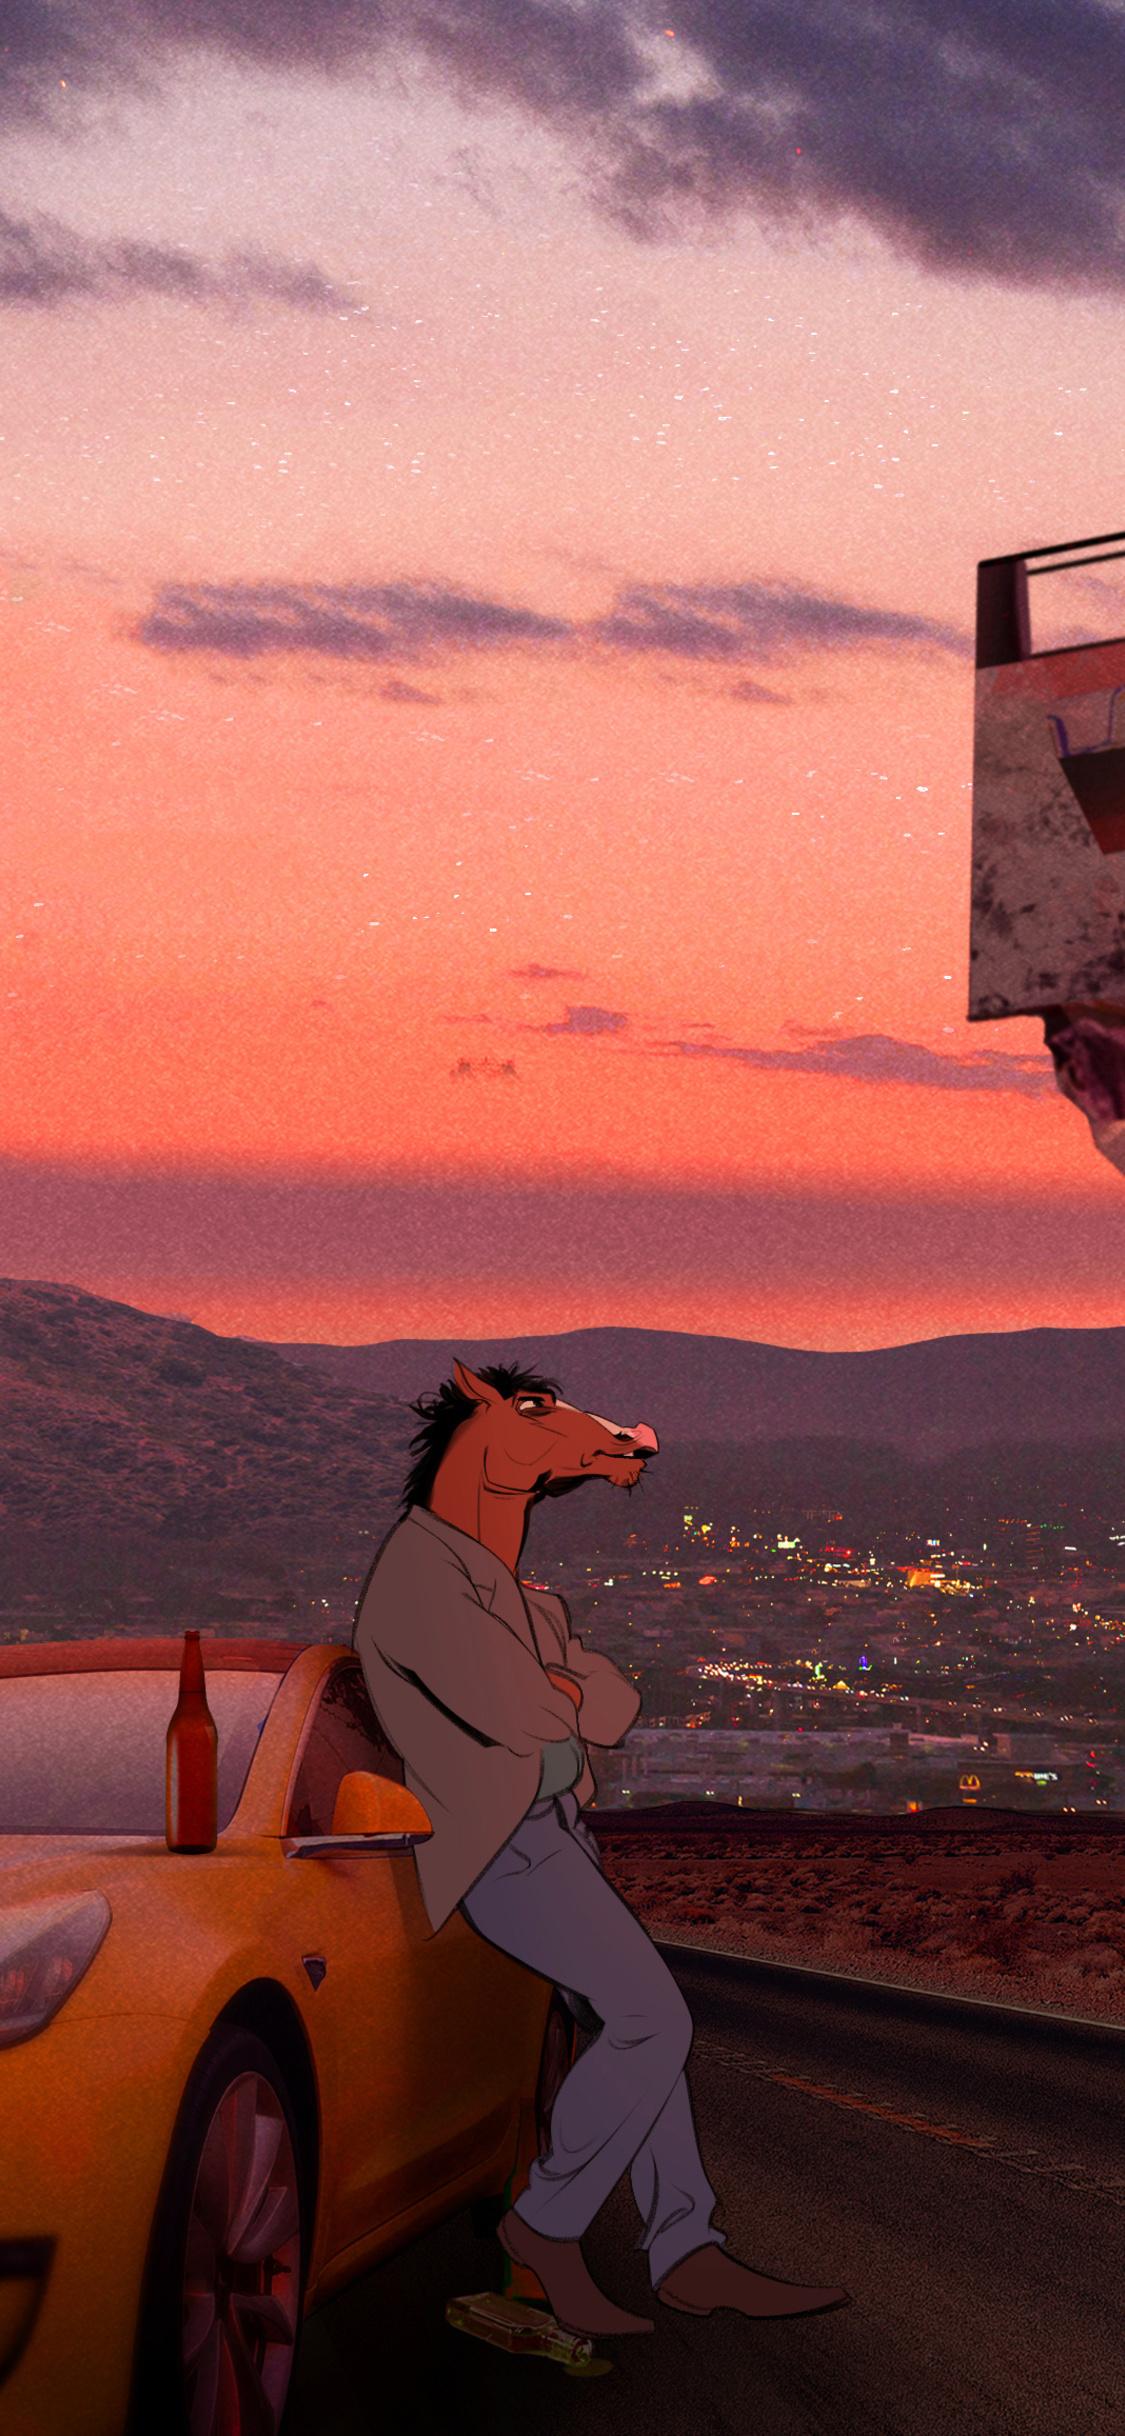 bojack-horseman-artwork-od.jpg